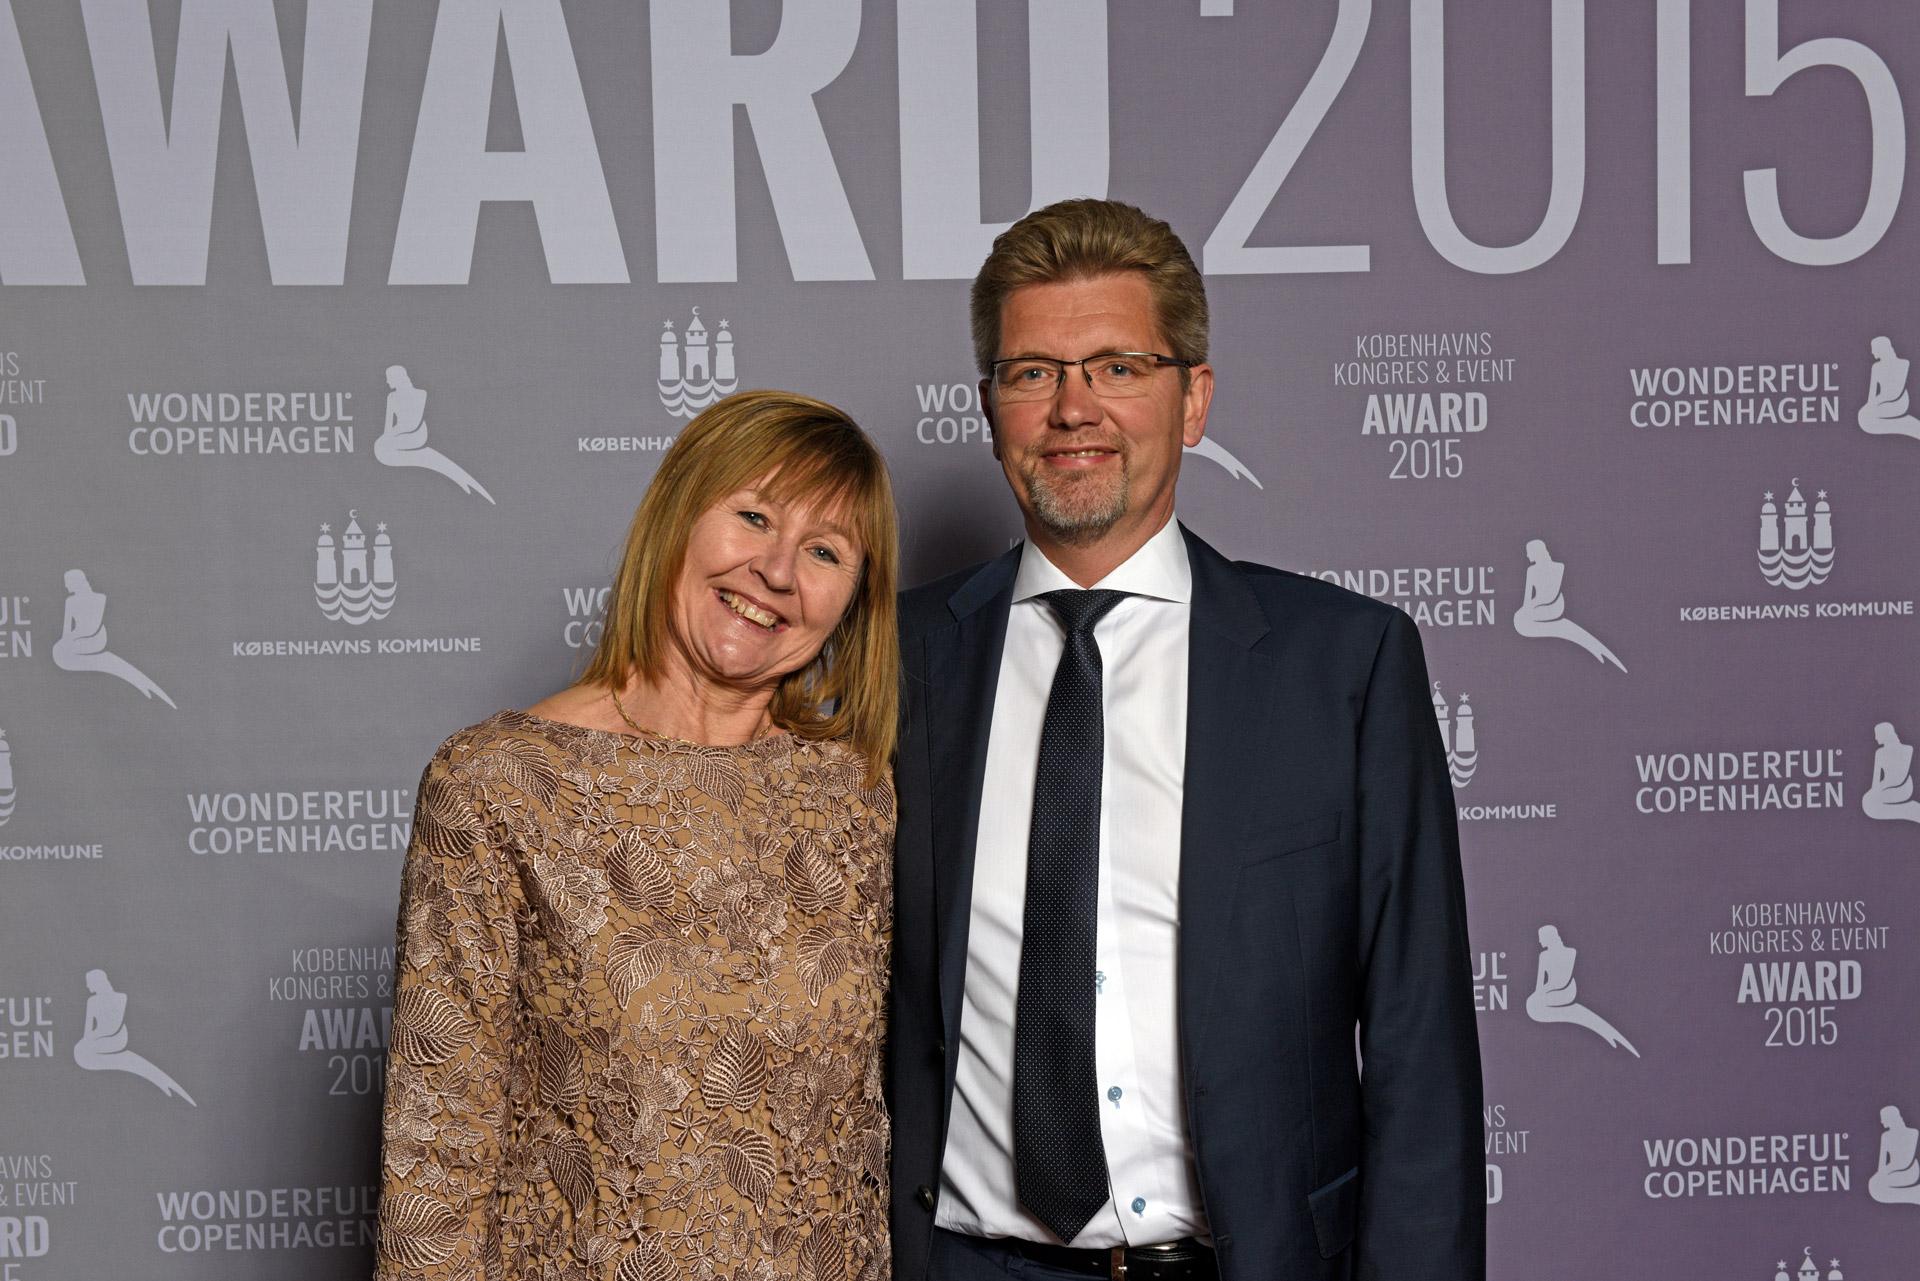 Wonderful Copenhagen's award show